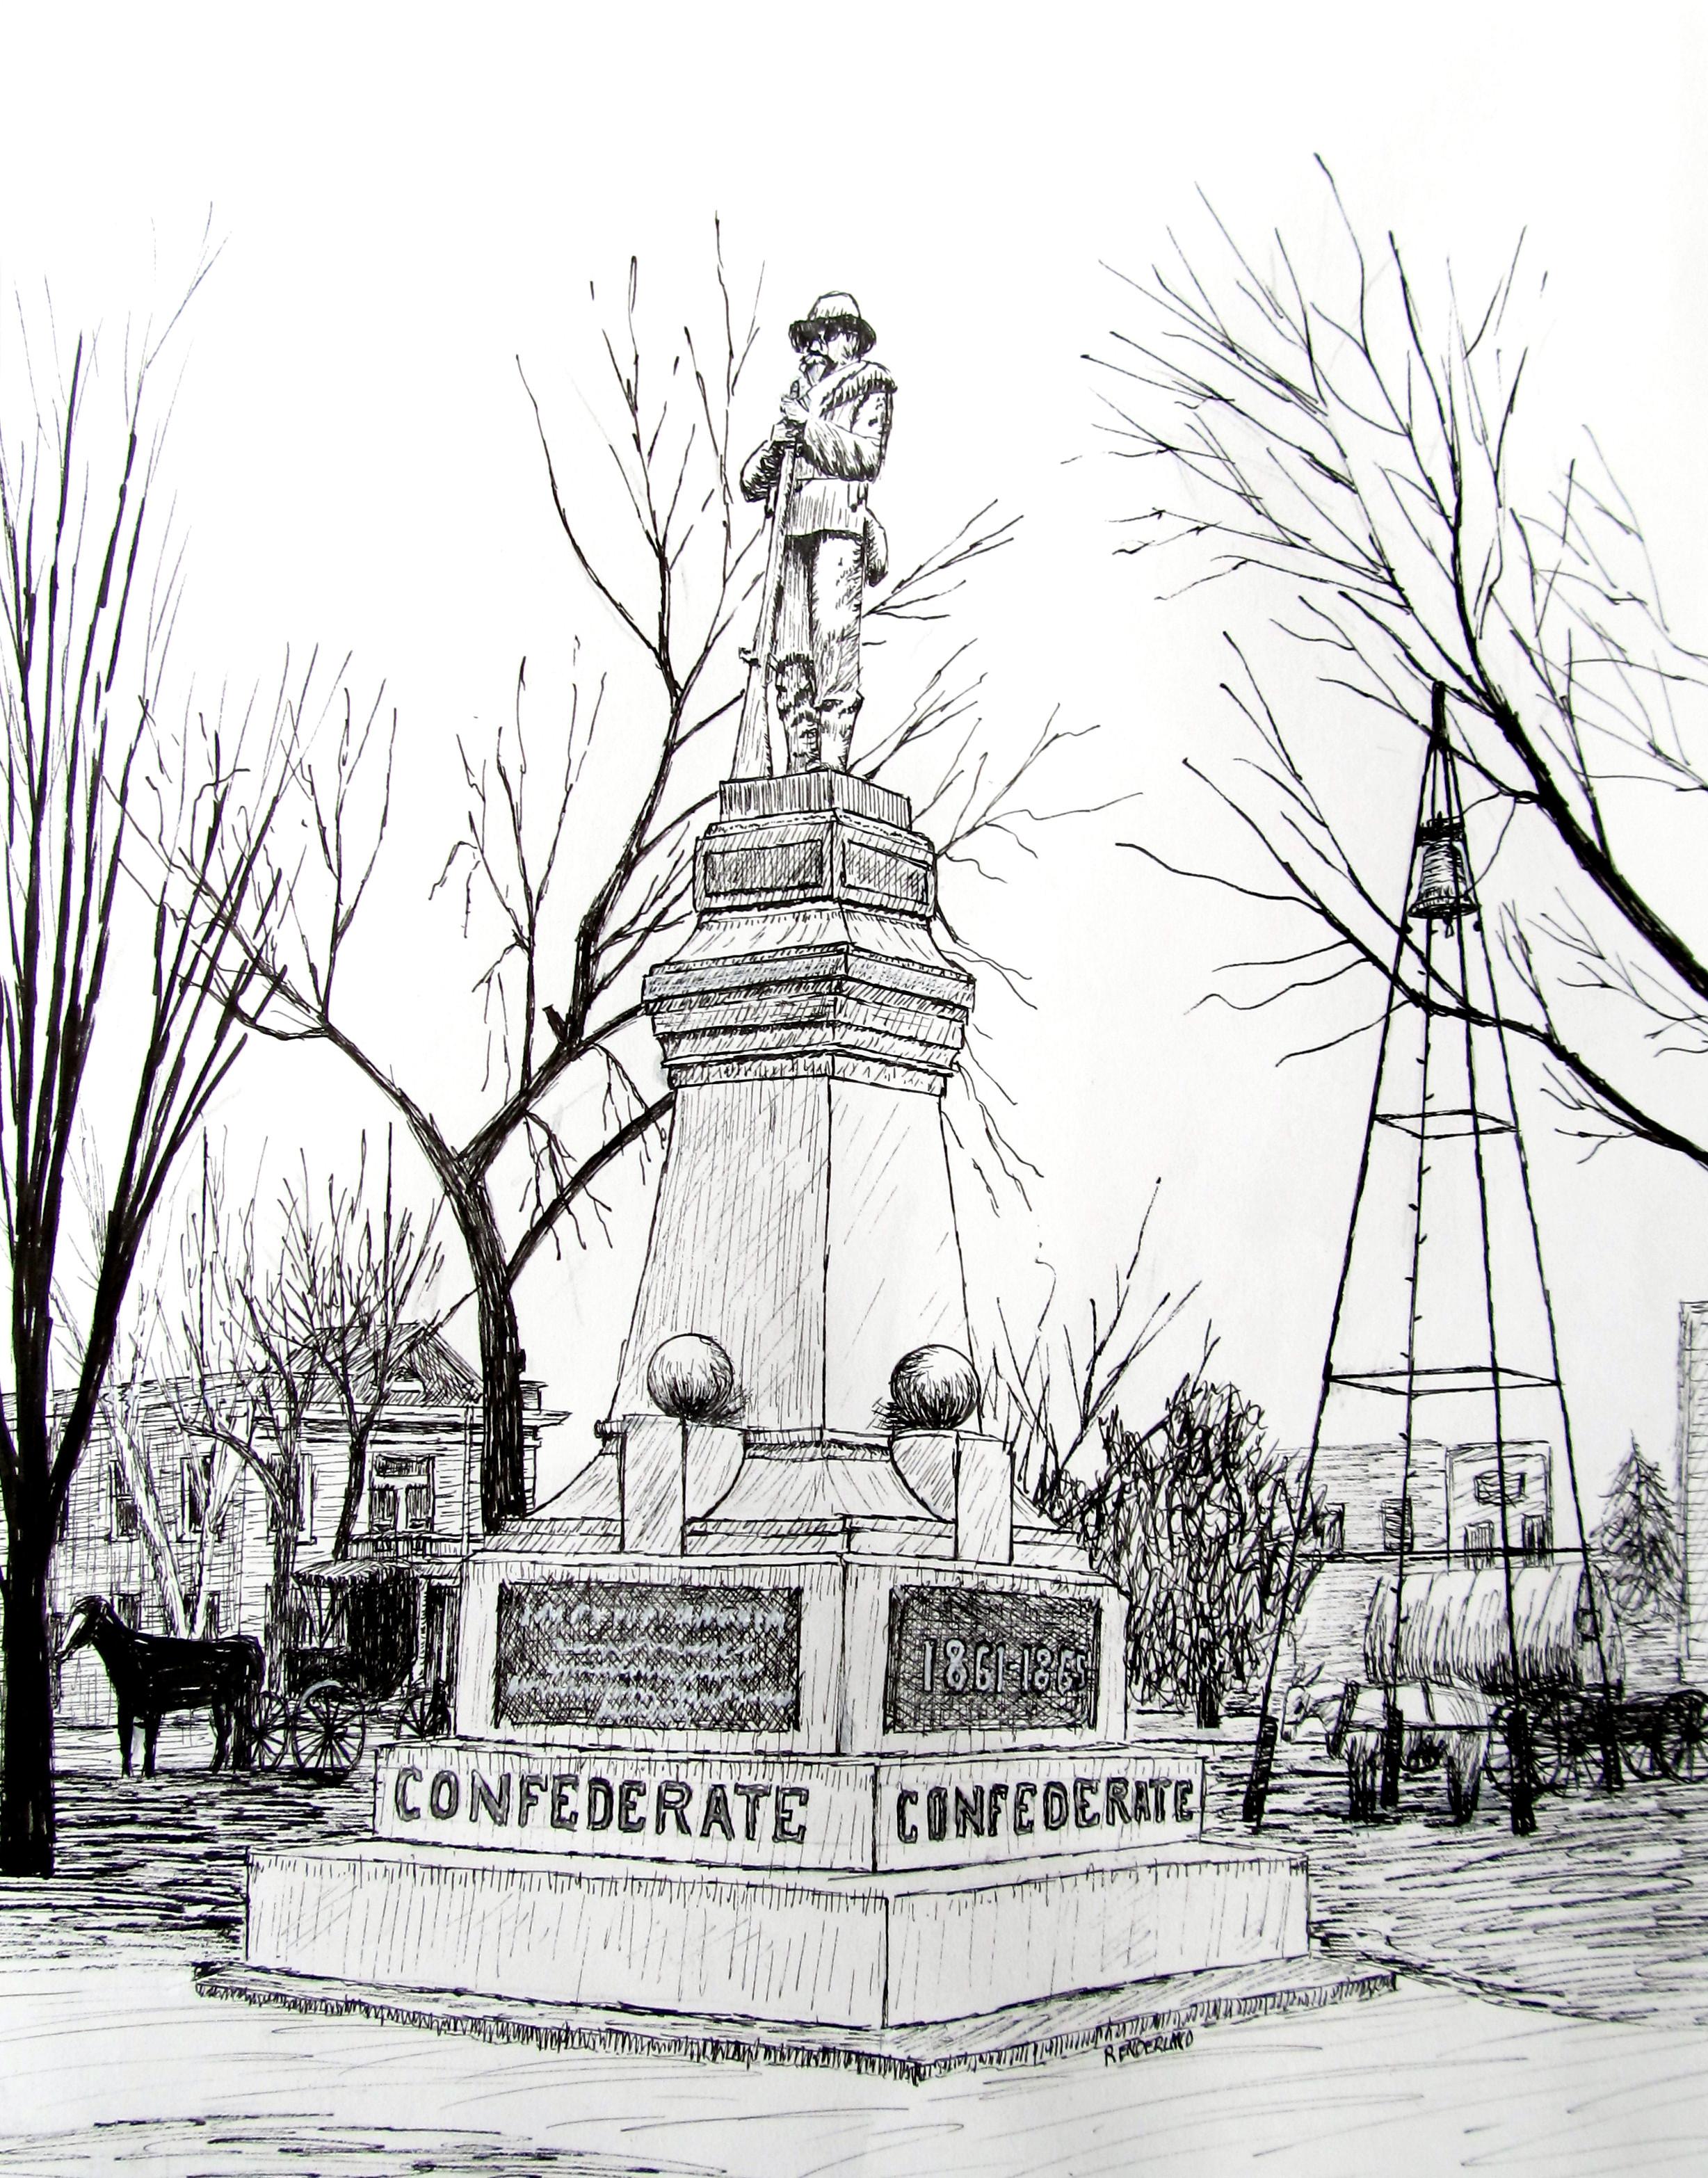 Benton County Confederate Memorial, 1920